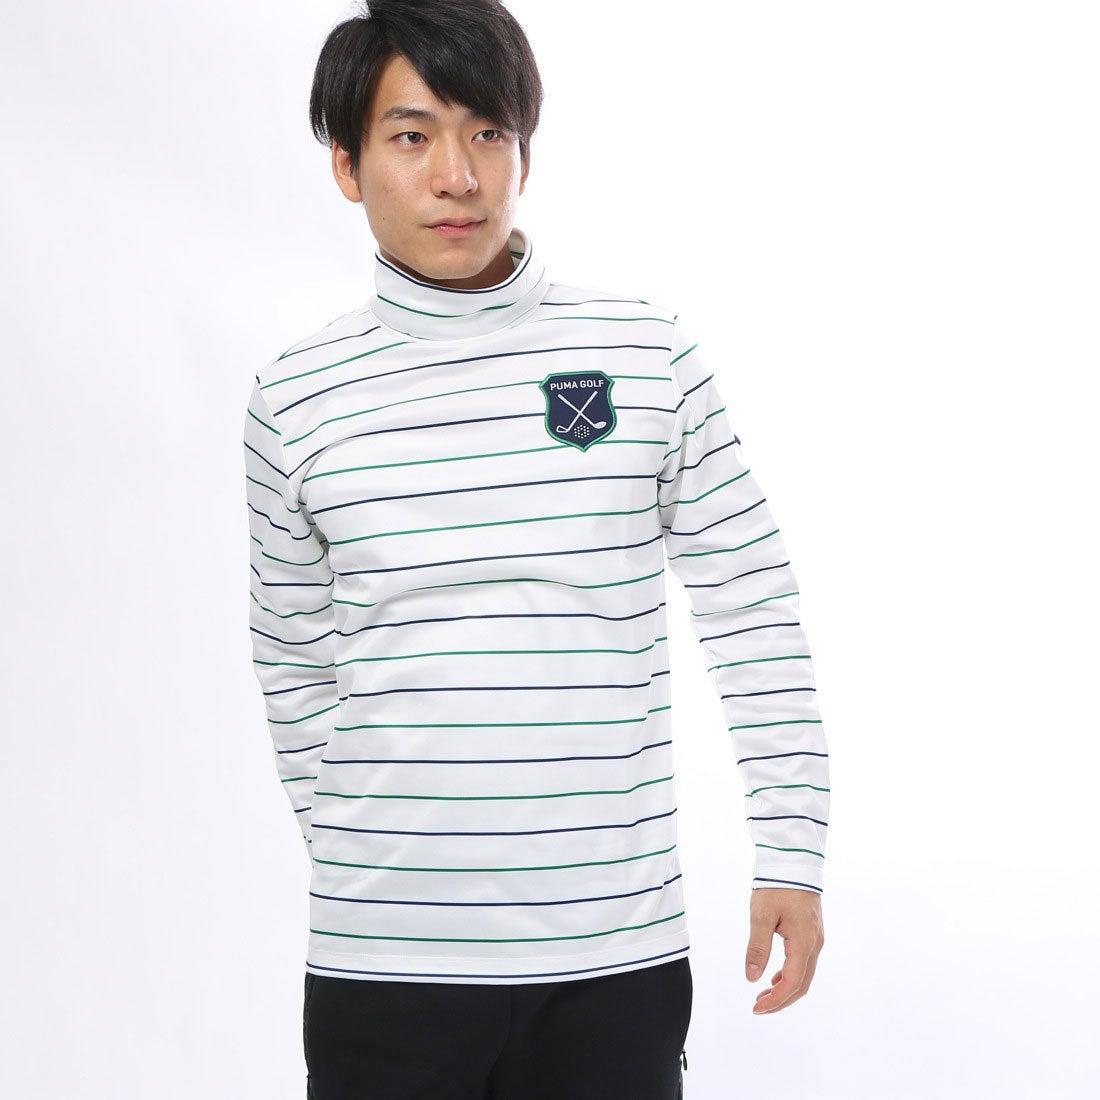 a4d961c38d3b1 プーマ PUMA メンズ ゴルフ 長袖シャツ ゴルフ タートルネックシャツ 923629 -レディースファッション通販 ロコンドガールズコレクション  (ロココレ)